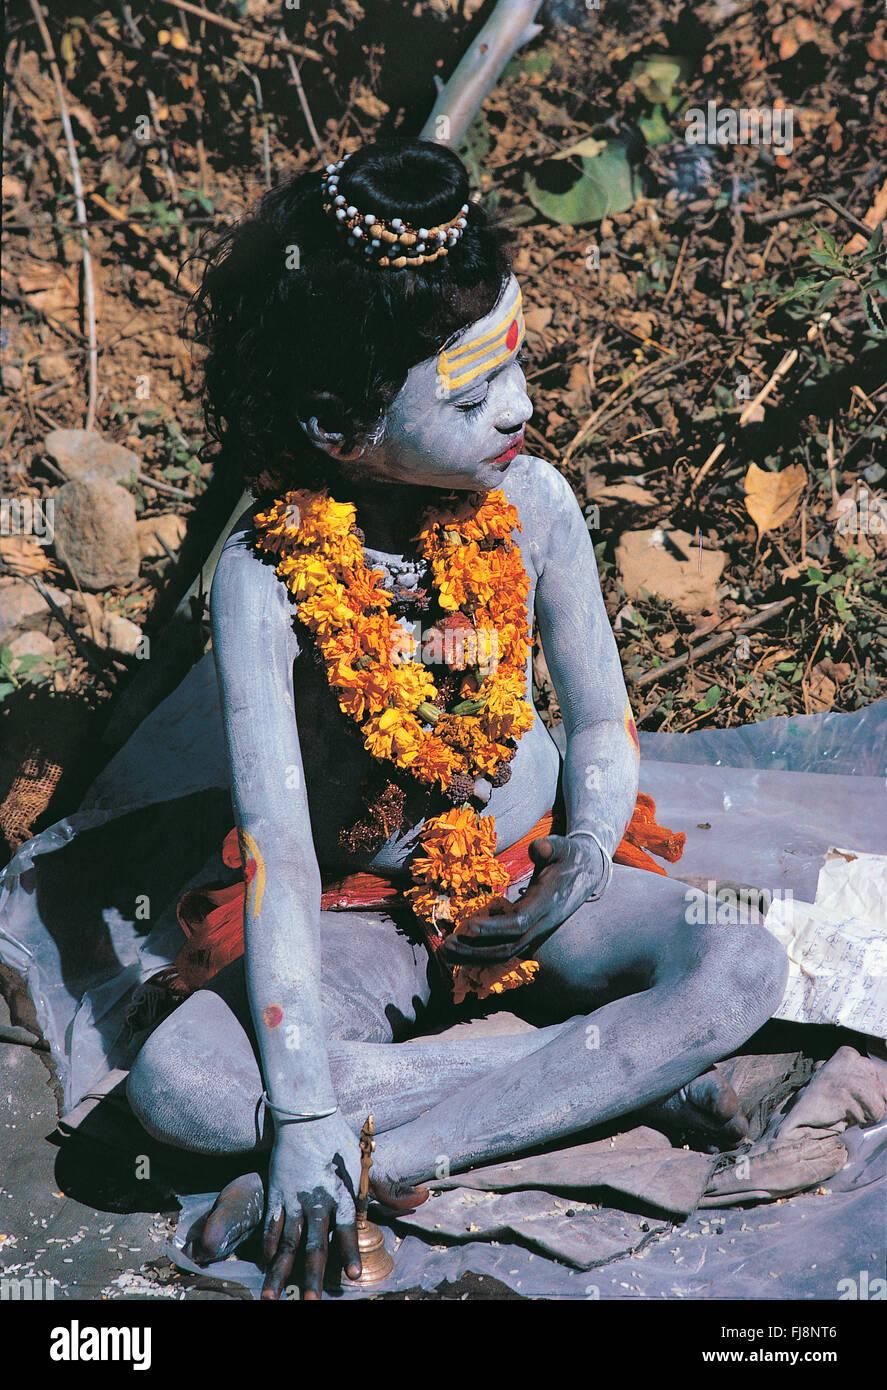 Child boy look alike shiva, varanasi, uttar pradesh, india, asia - Stock Image